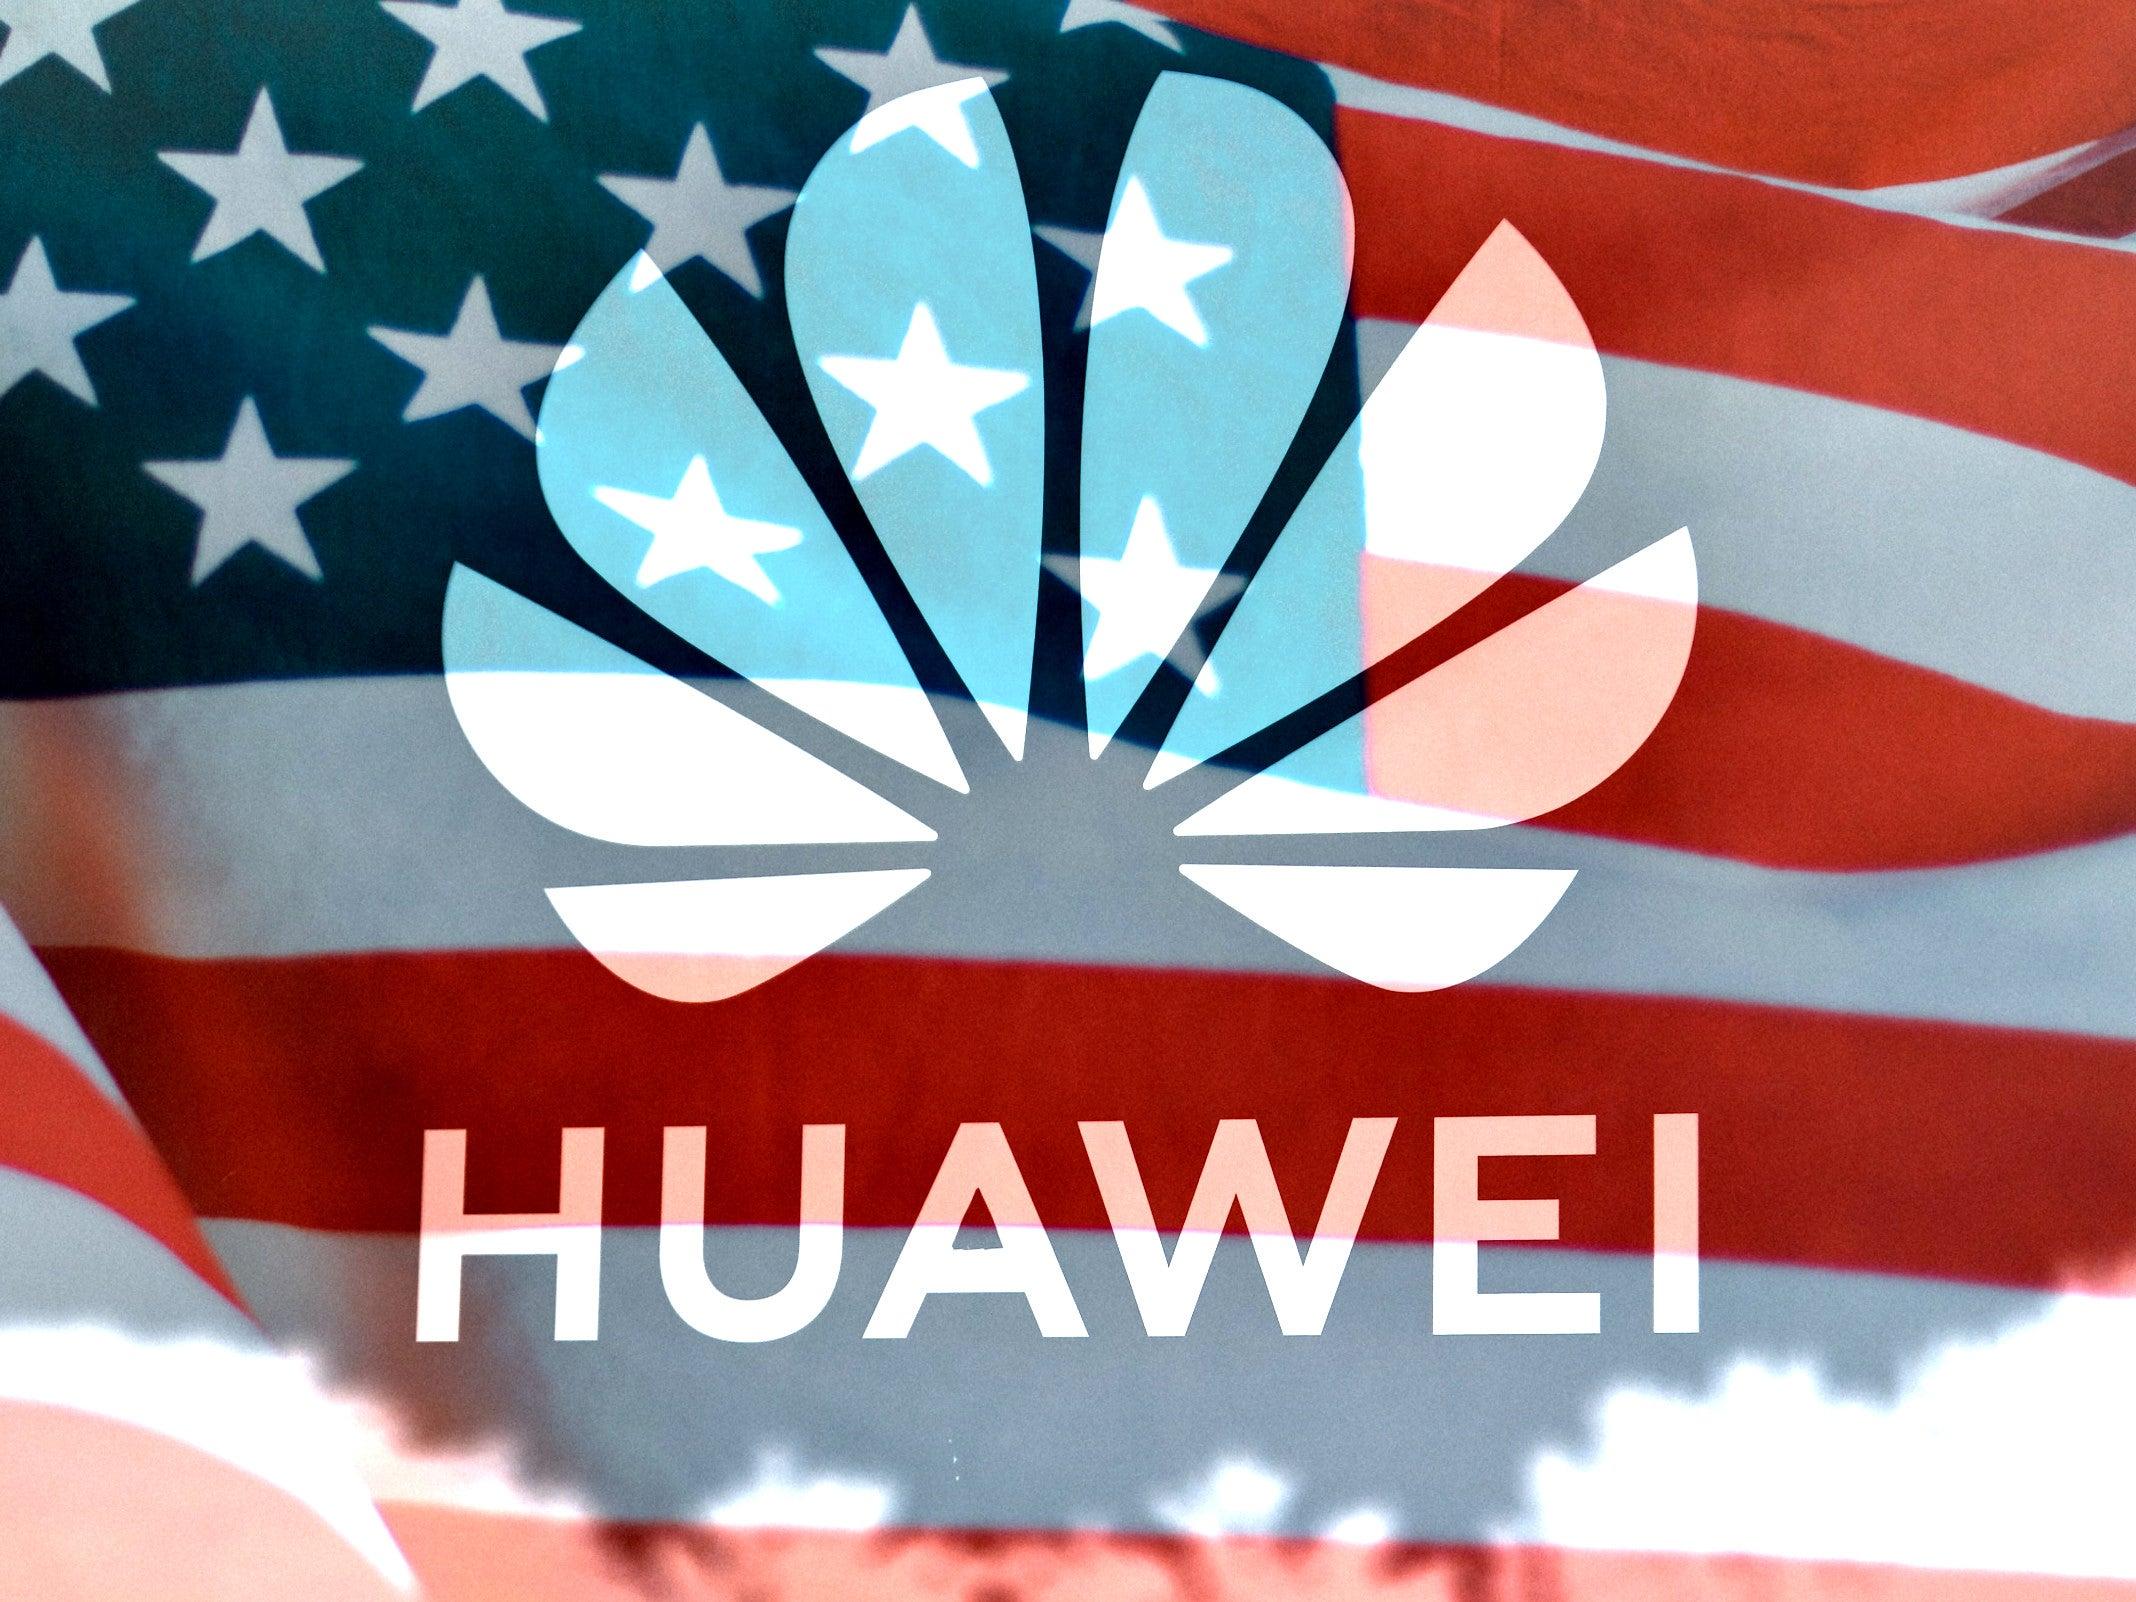 Huawei-Smartphones bald wieder mit Google? Darauf kommt es jetzt an - inside digital